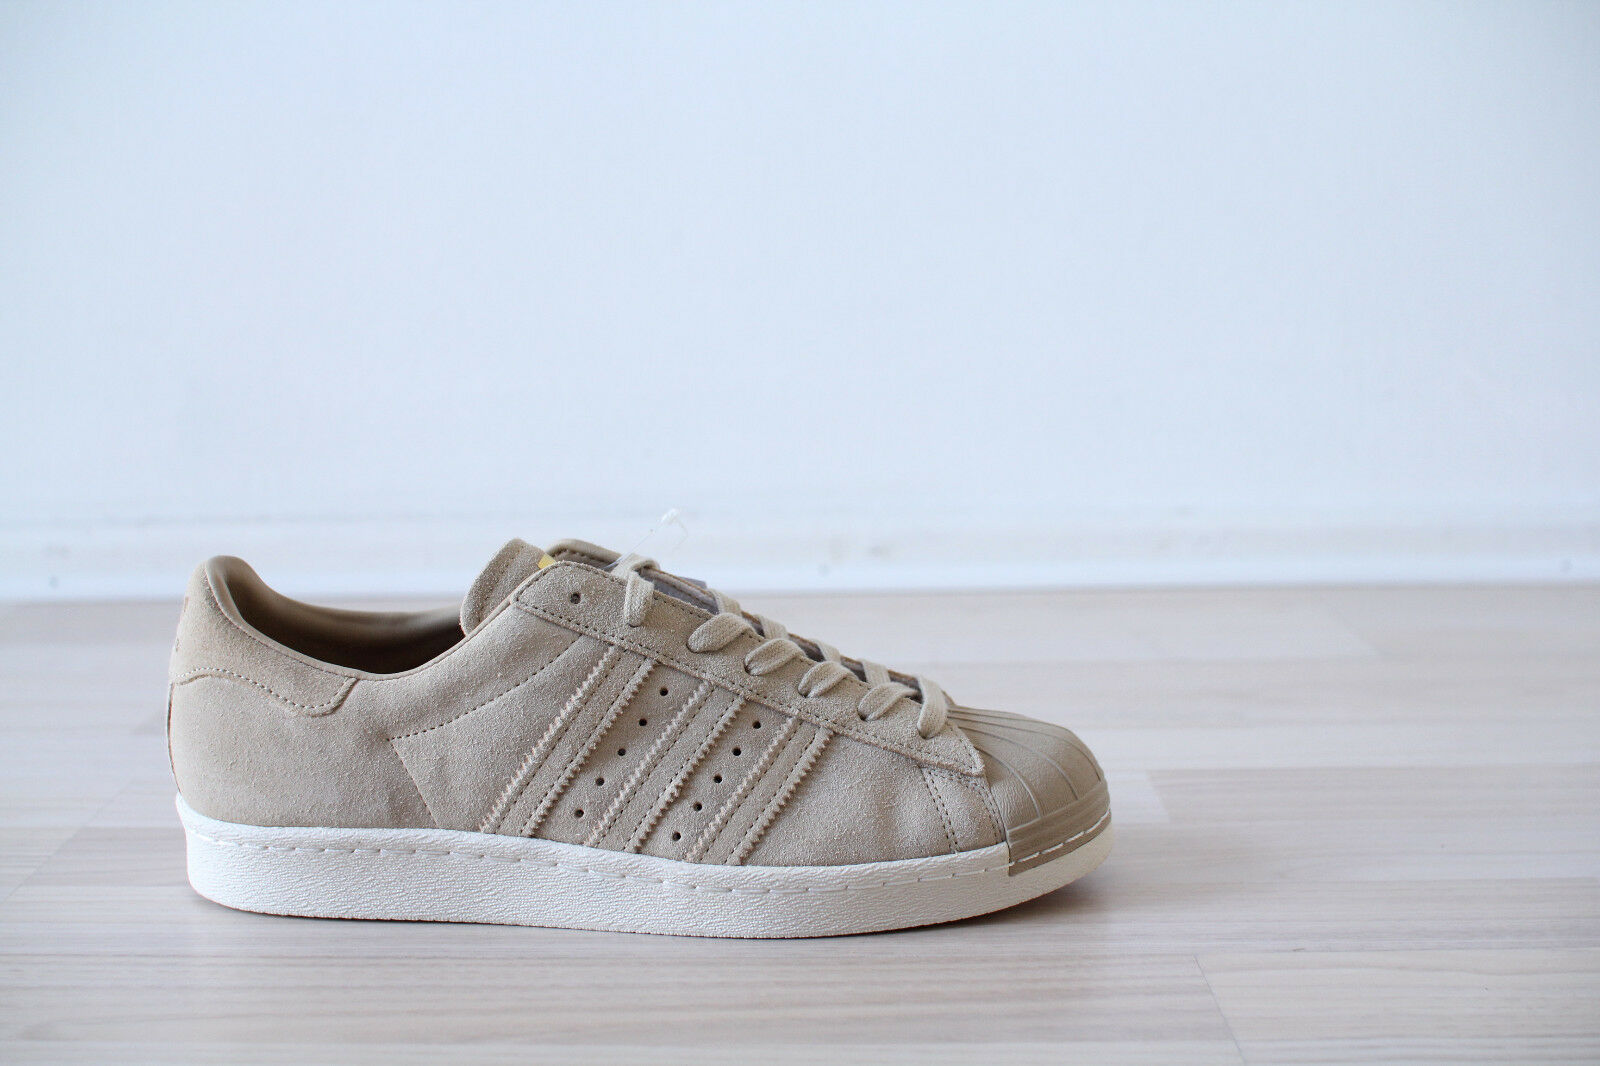 Adidas Superstar 80s Beige Weiß Gr. 42,43,44 NEU & OVP